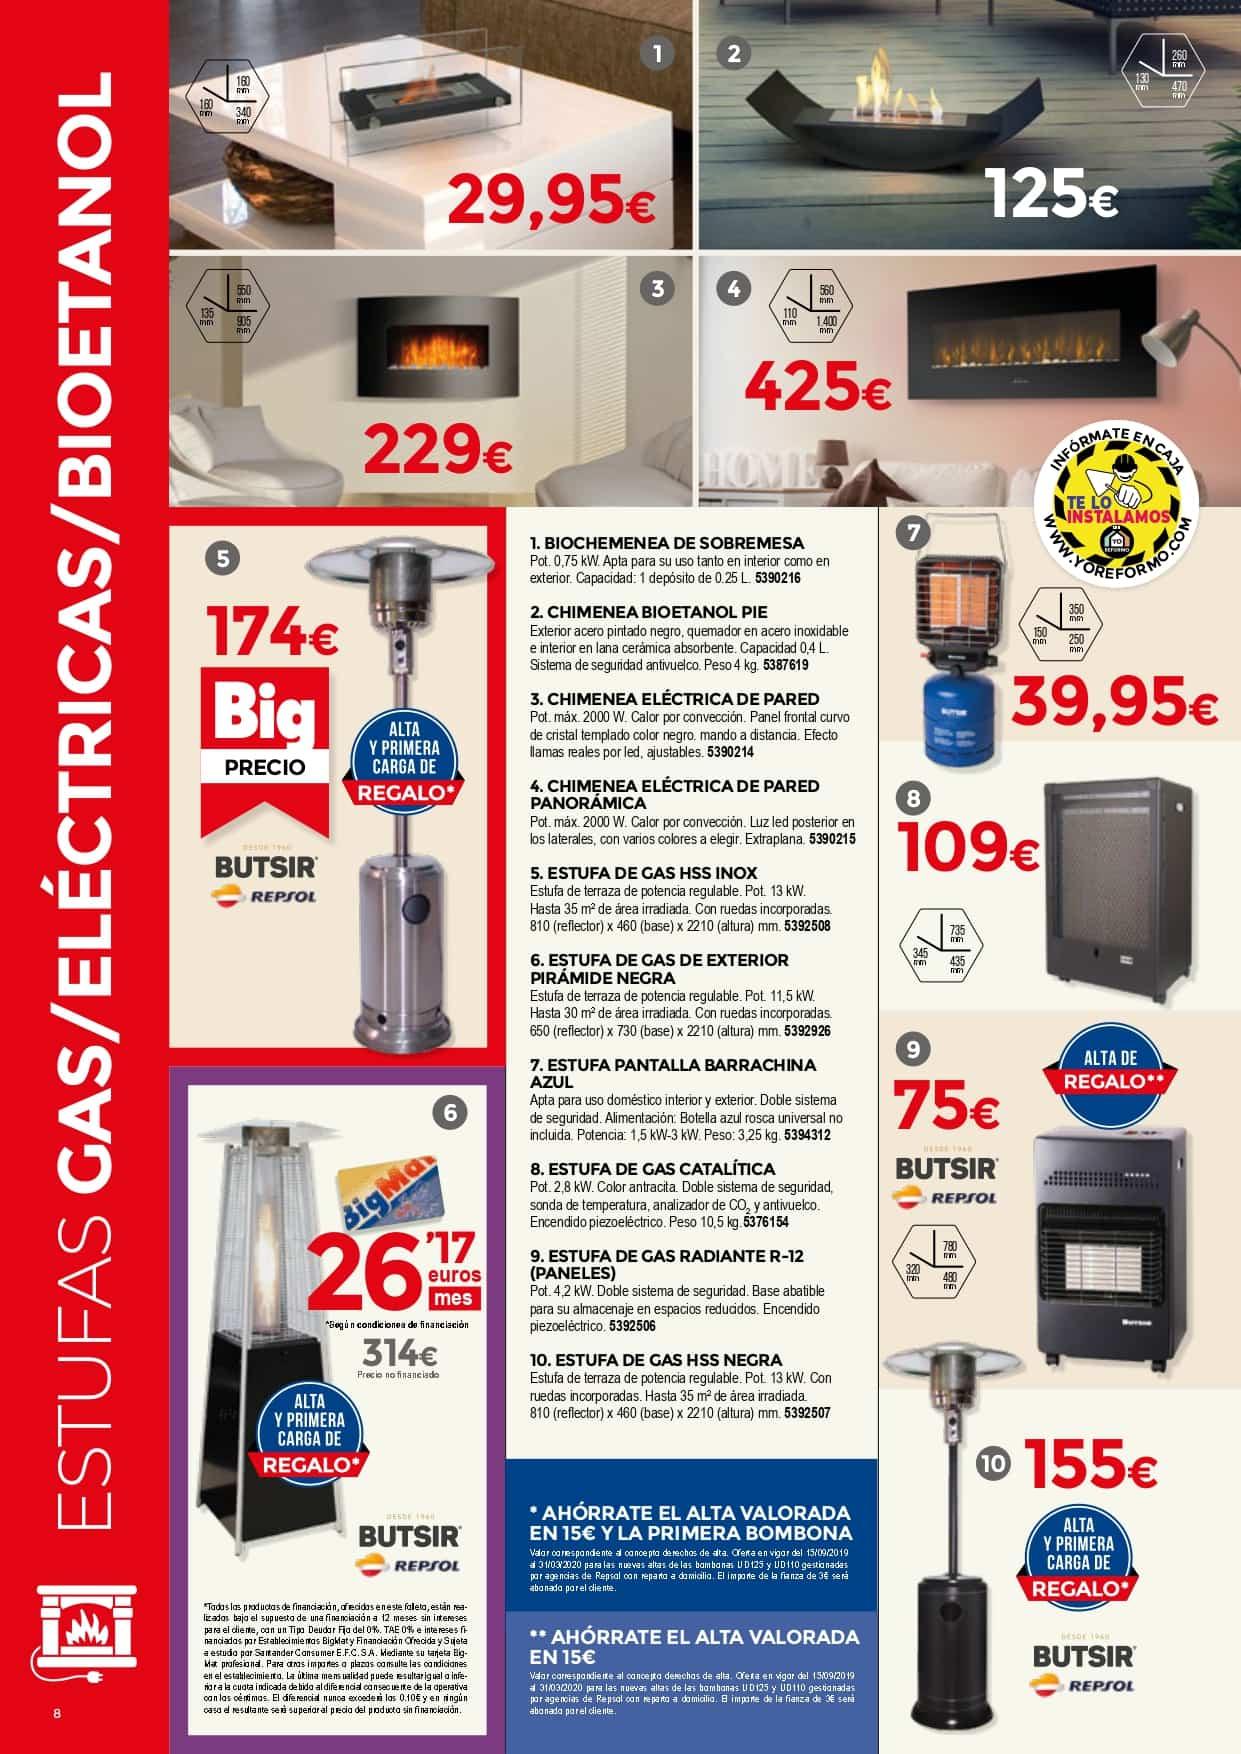 Ideas para elegir el termostato más adecuado para mi hogar 40